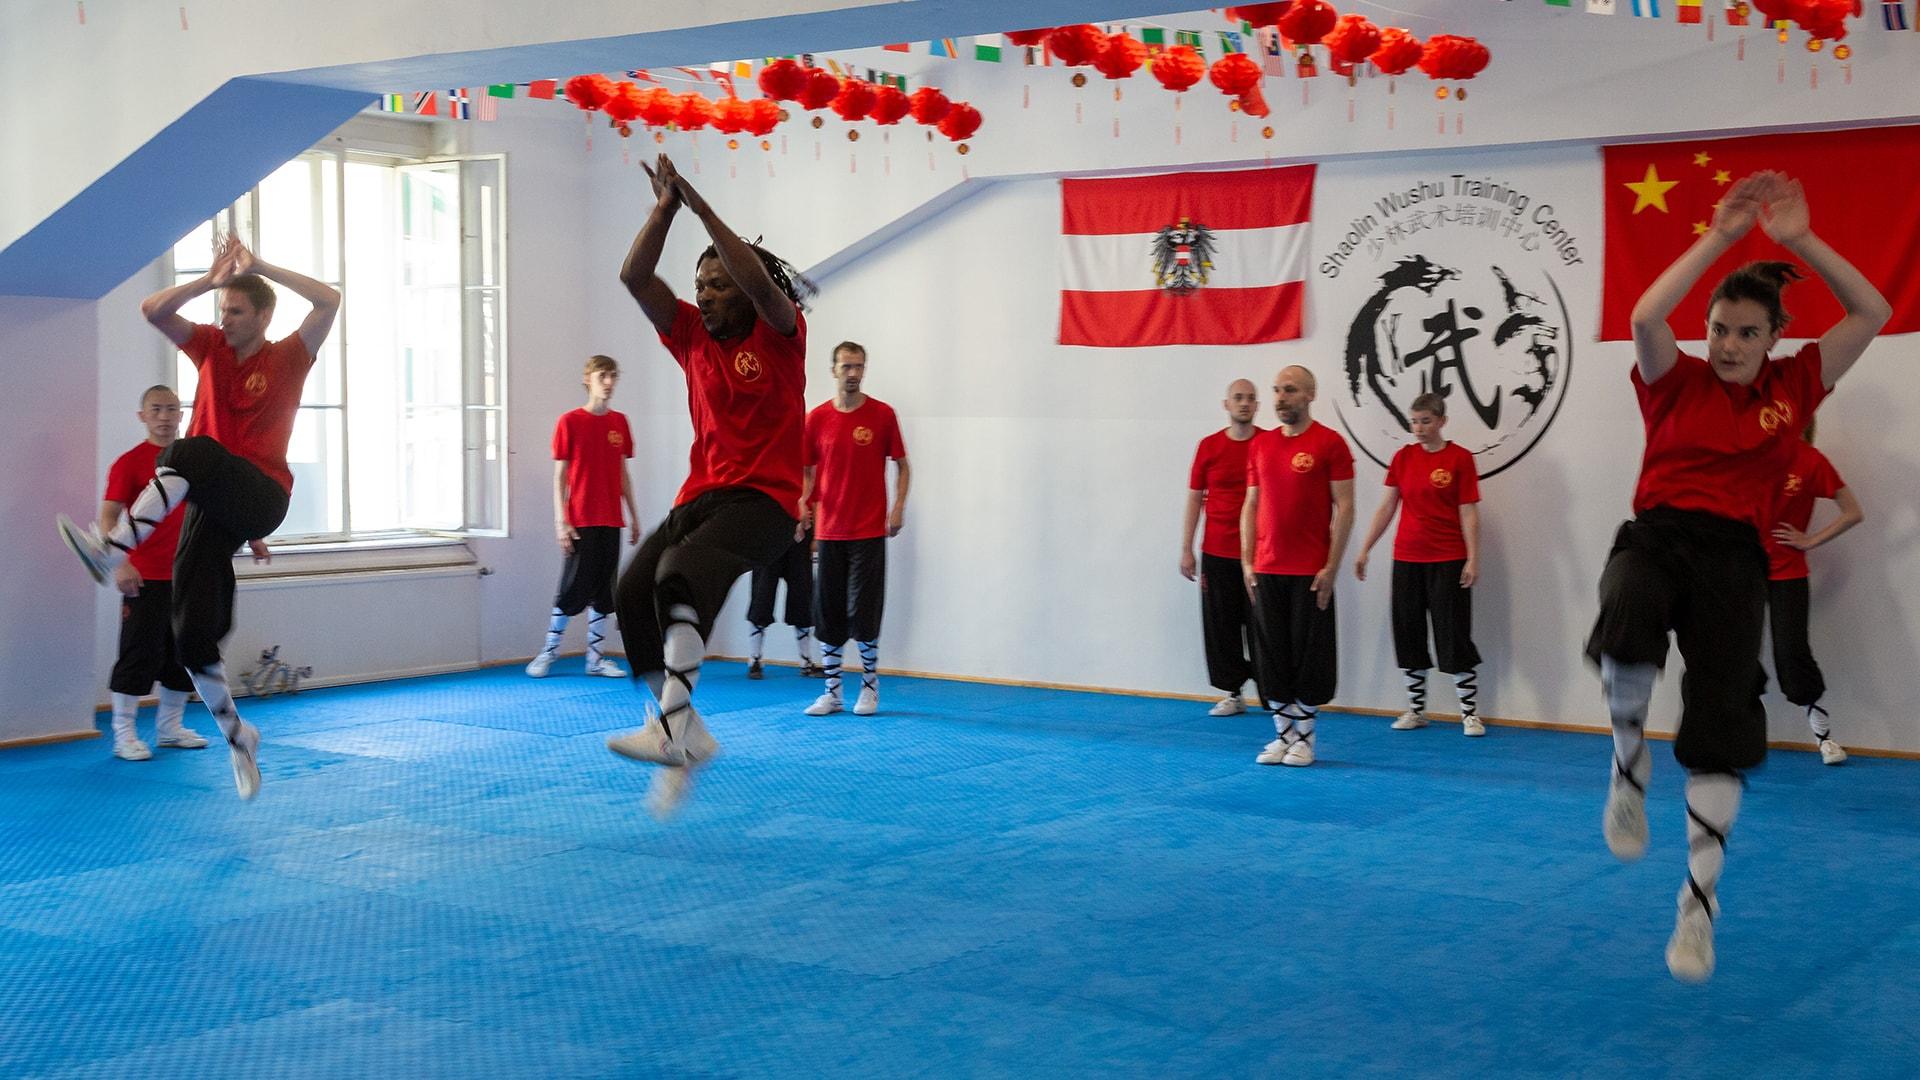 Shaolin-Wushu-Training-Center-Kung-Fu-in-Wien-16